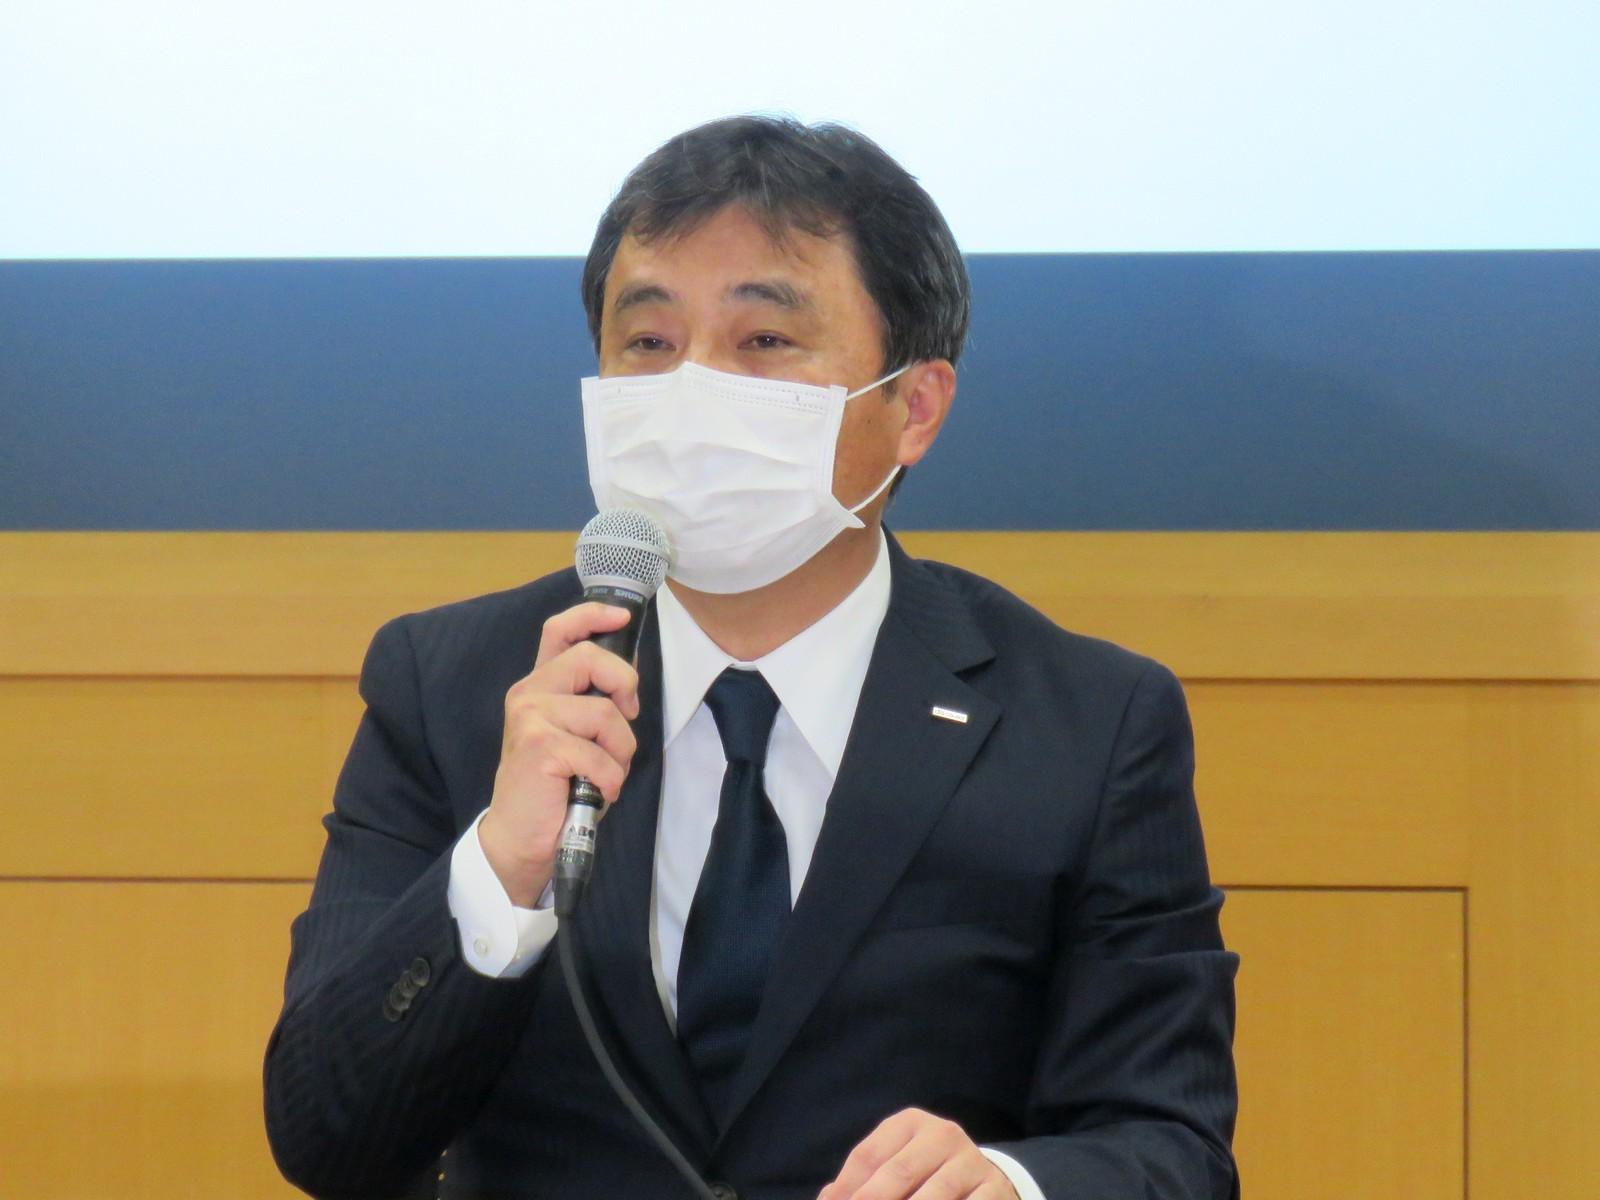 株式会社NTTドコモ代表取締役副社長の丸山誠治氏